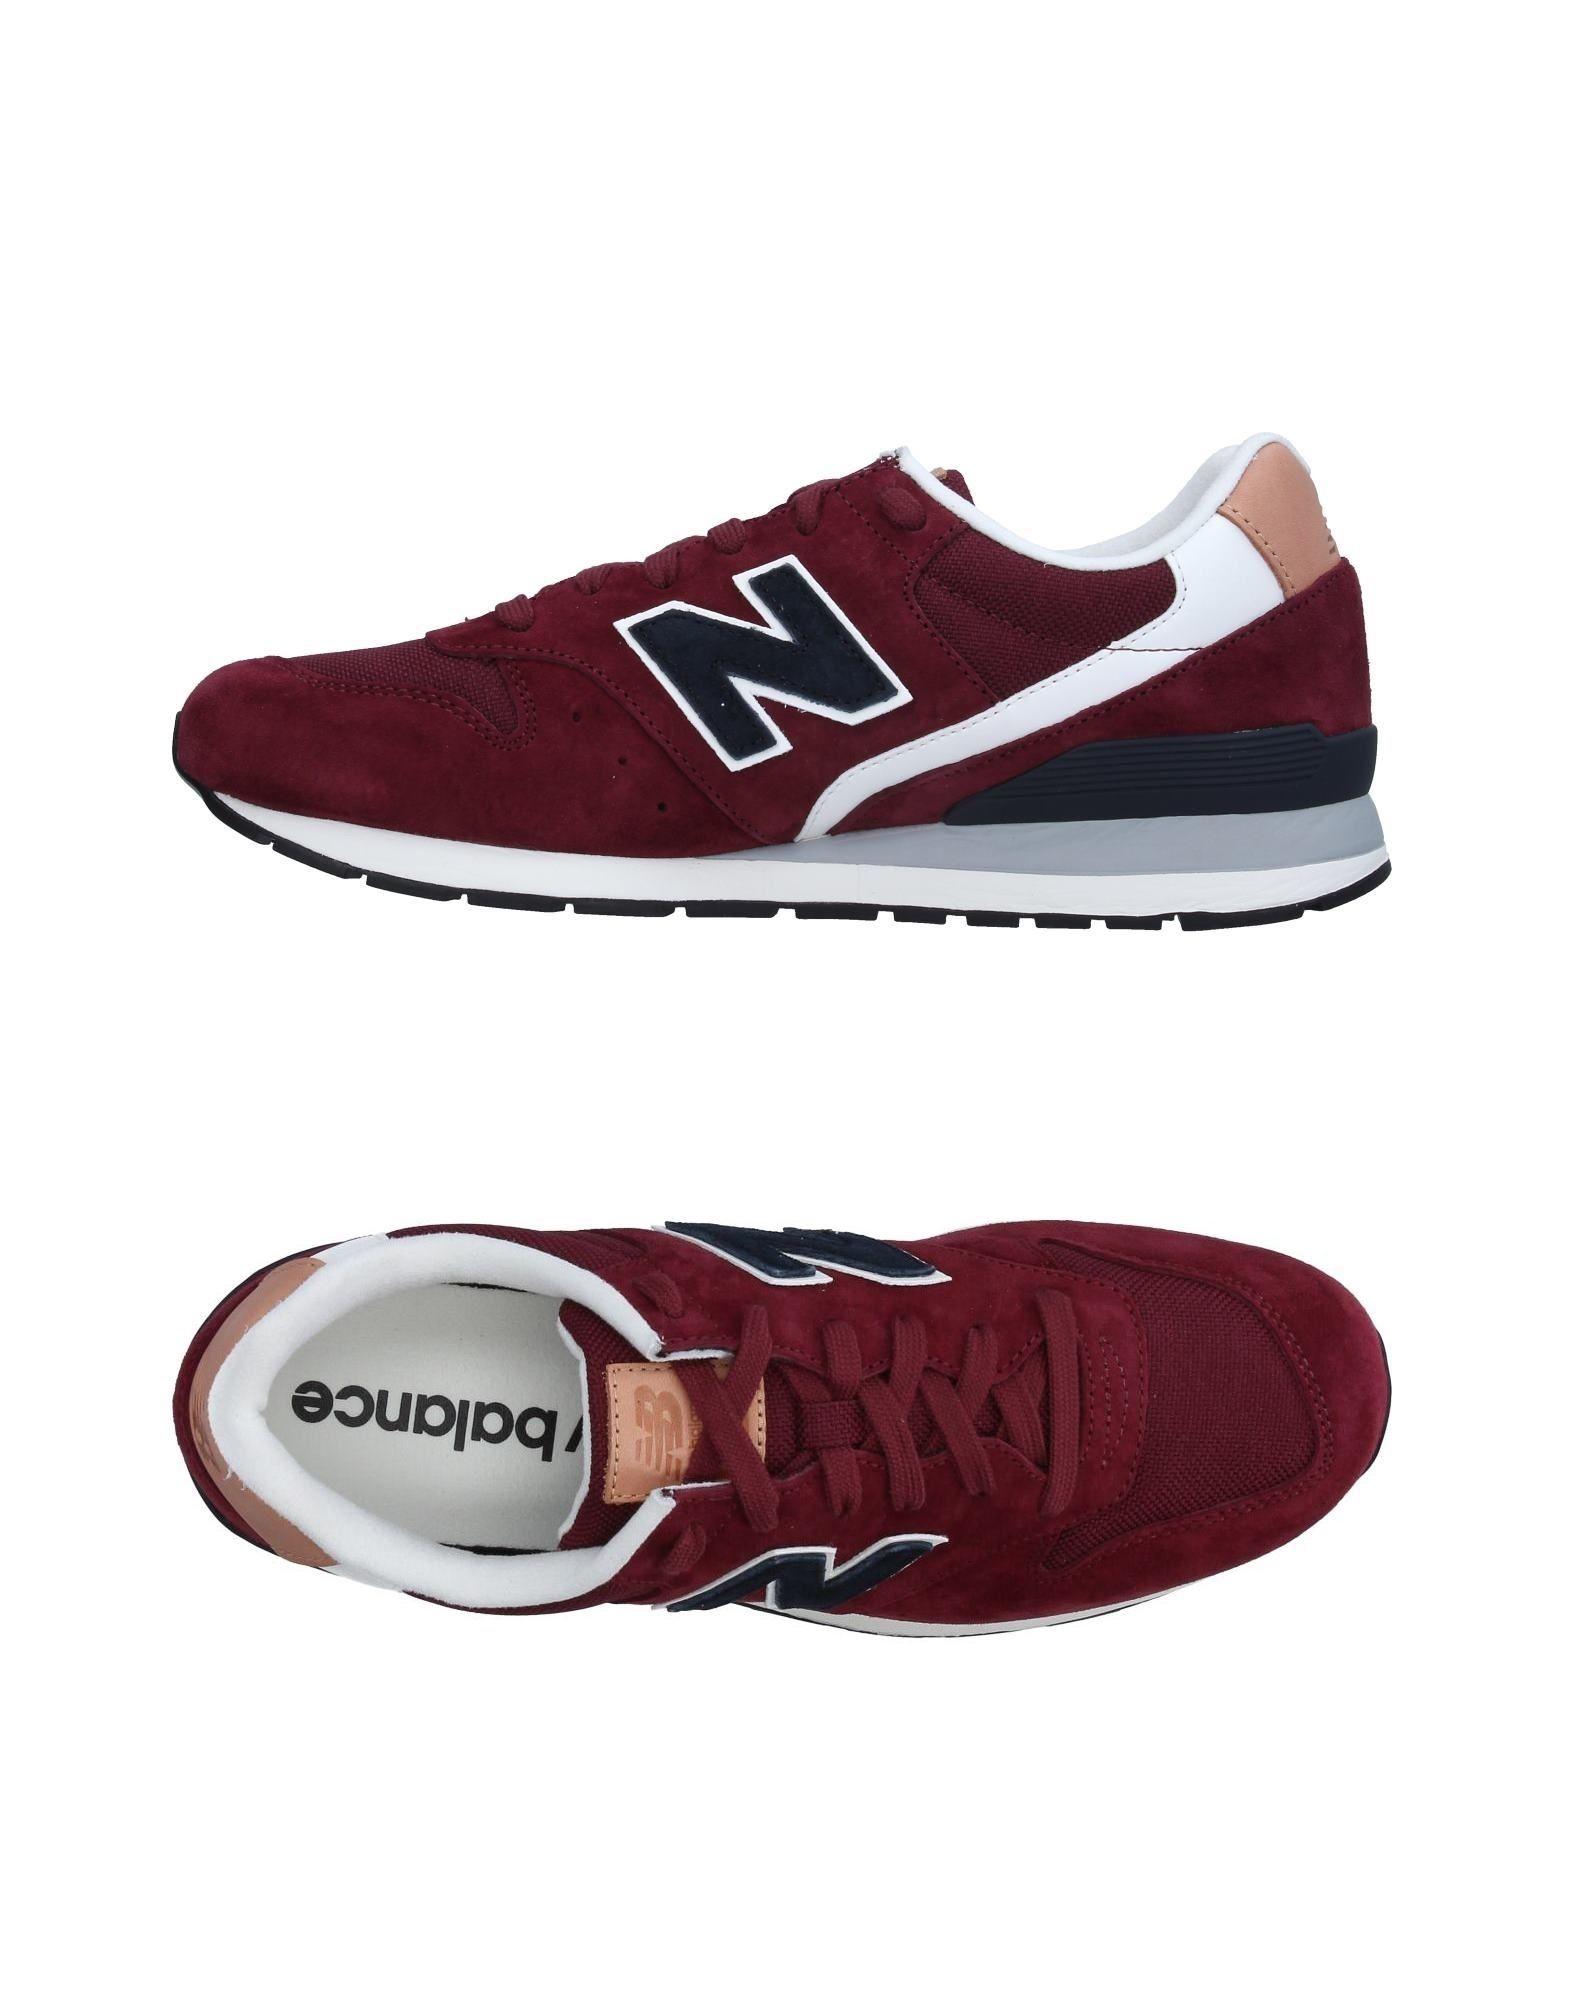 Rabatt Balance echte Schuhe New Balance Rabatt Sneakers Herren  11287405QV 826480